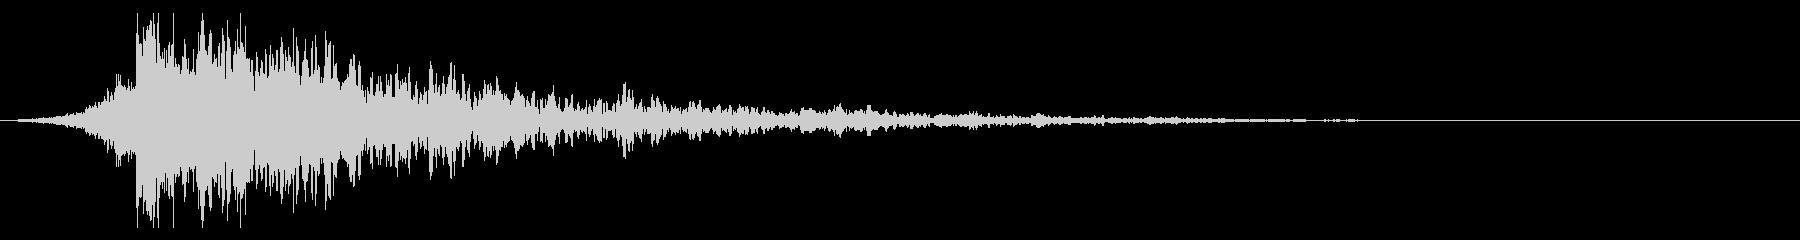 シュードーン-46-2(インパクト音)の未再生の波形